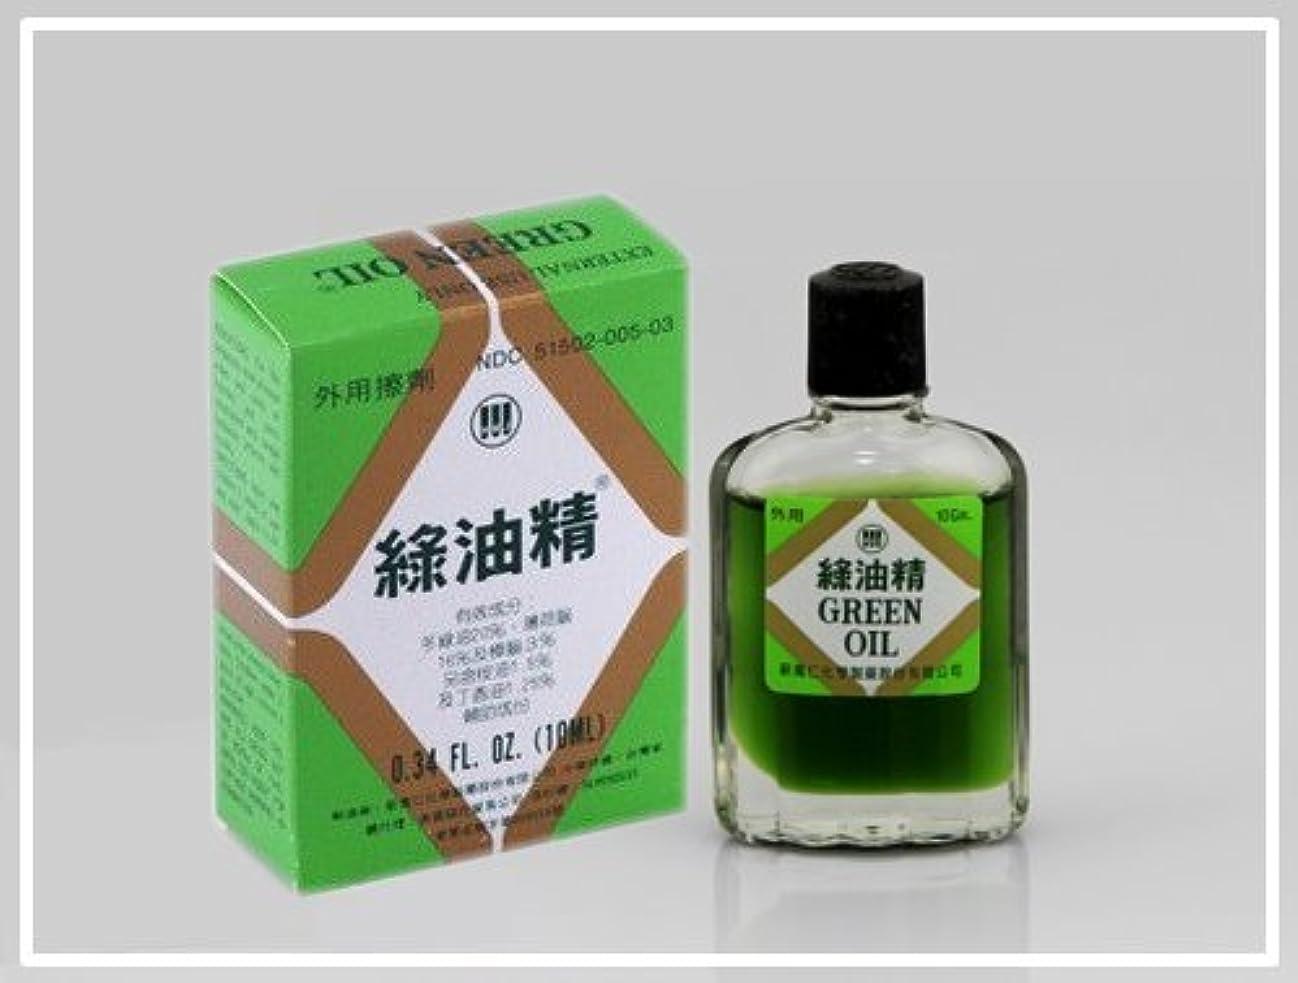 検索エンジン最適化一貫した幅台湾純正版 新萬仁緑油精 グリーンオイル 緑油精 10ml [並行輸入品]